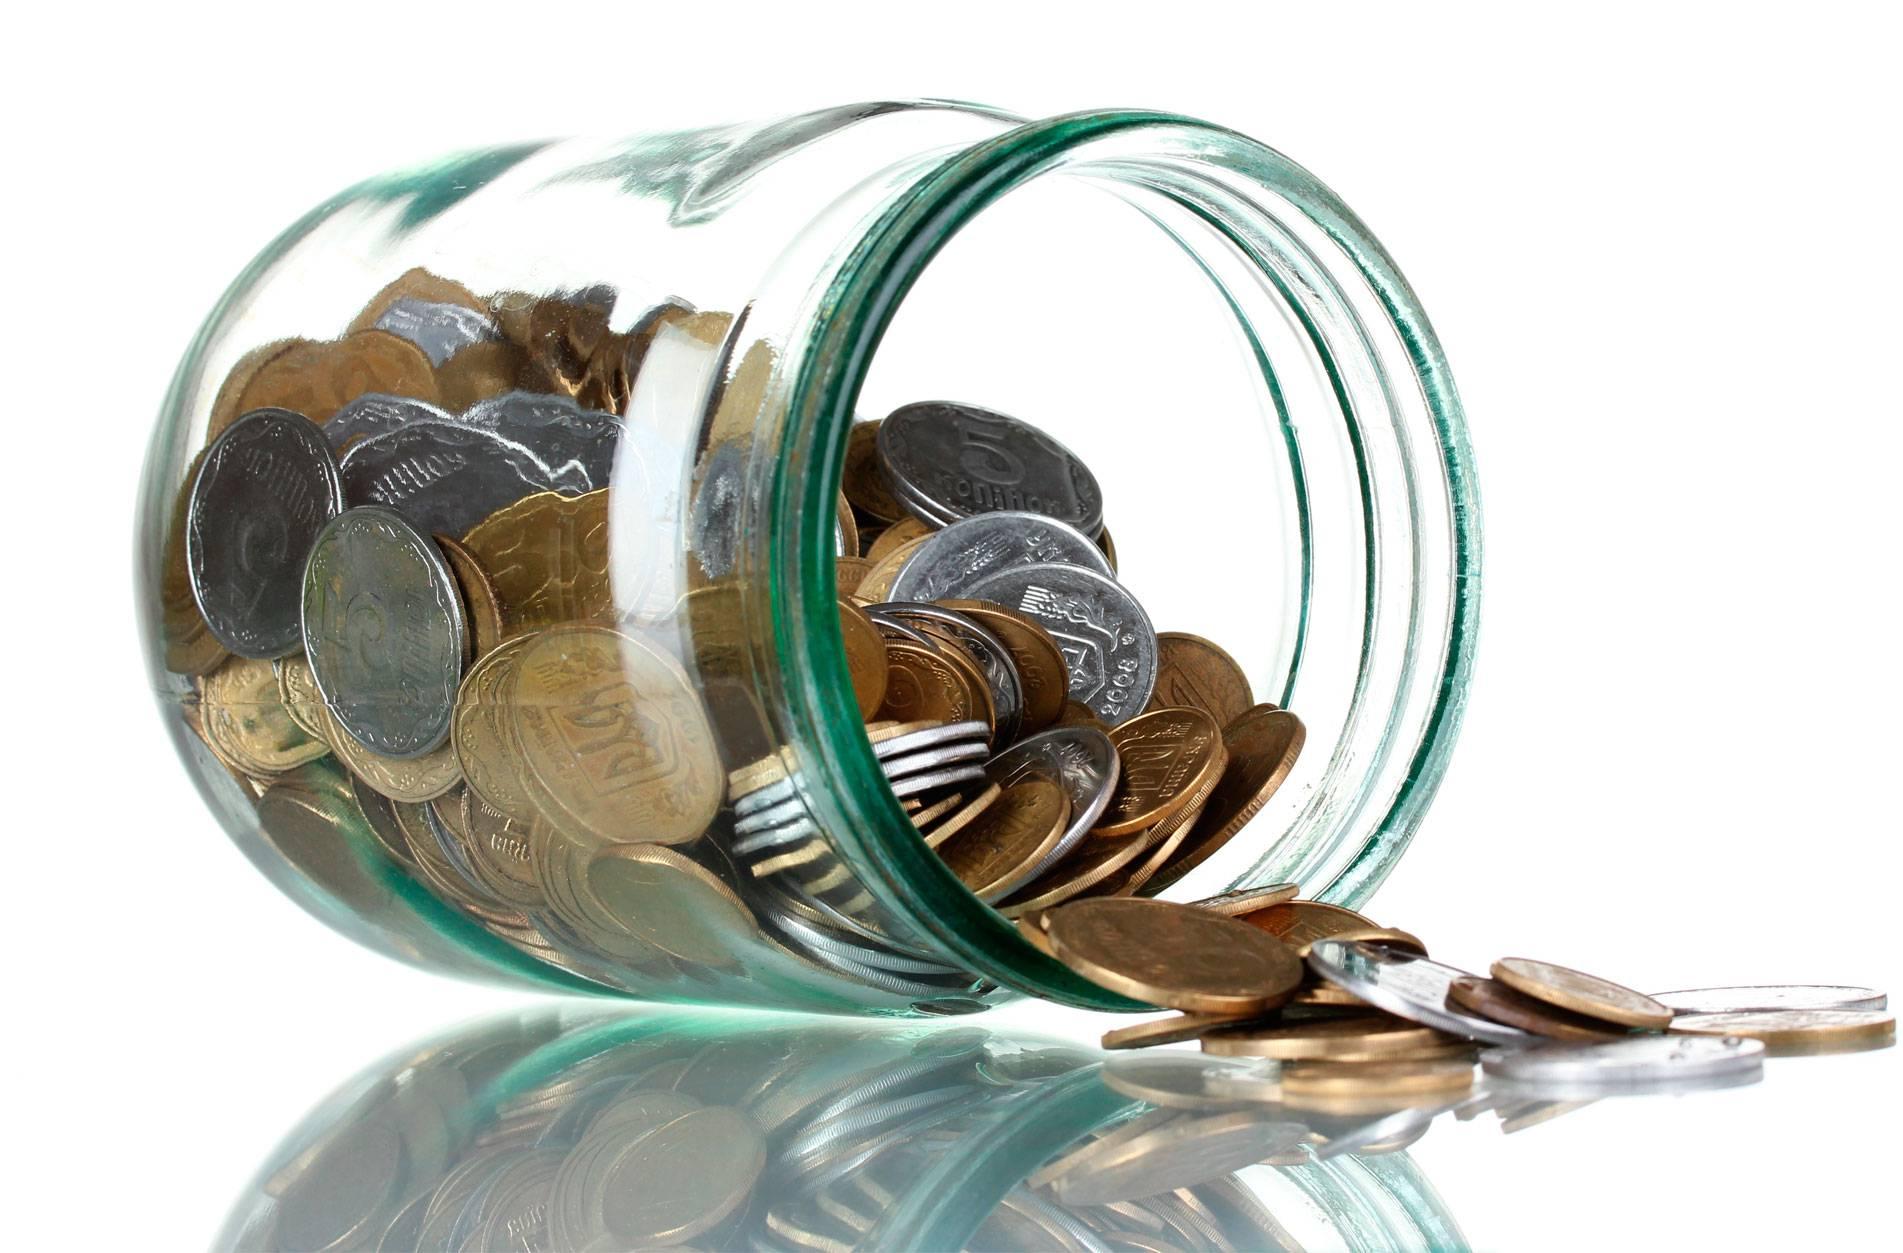 Gastos corrientes en fondos de inversión